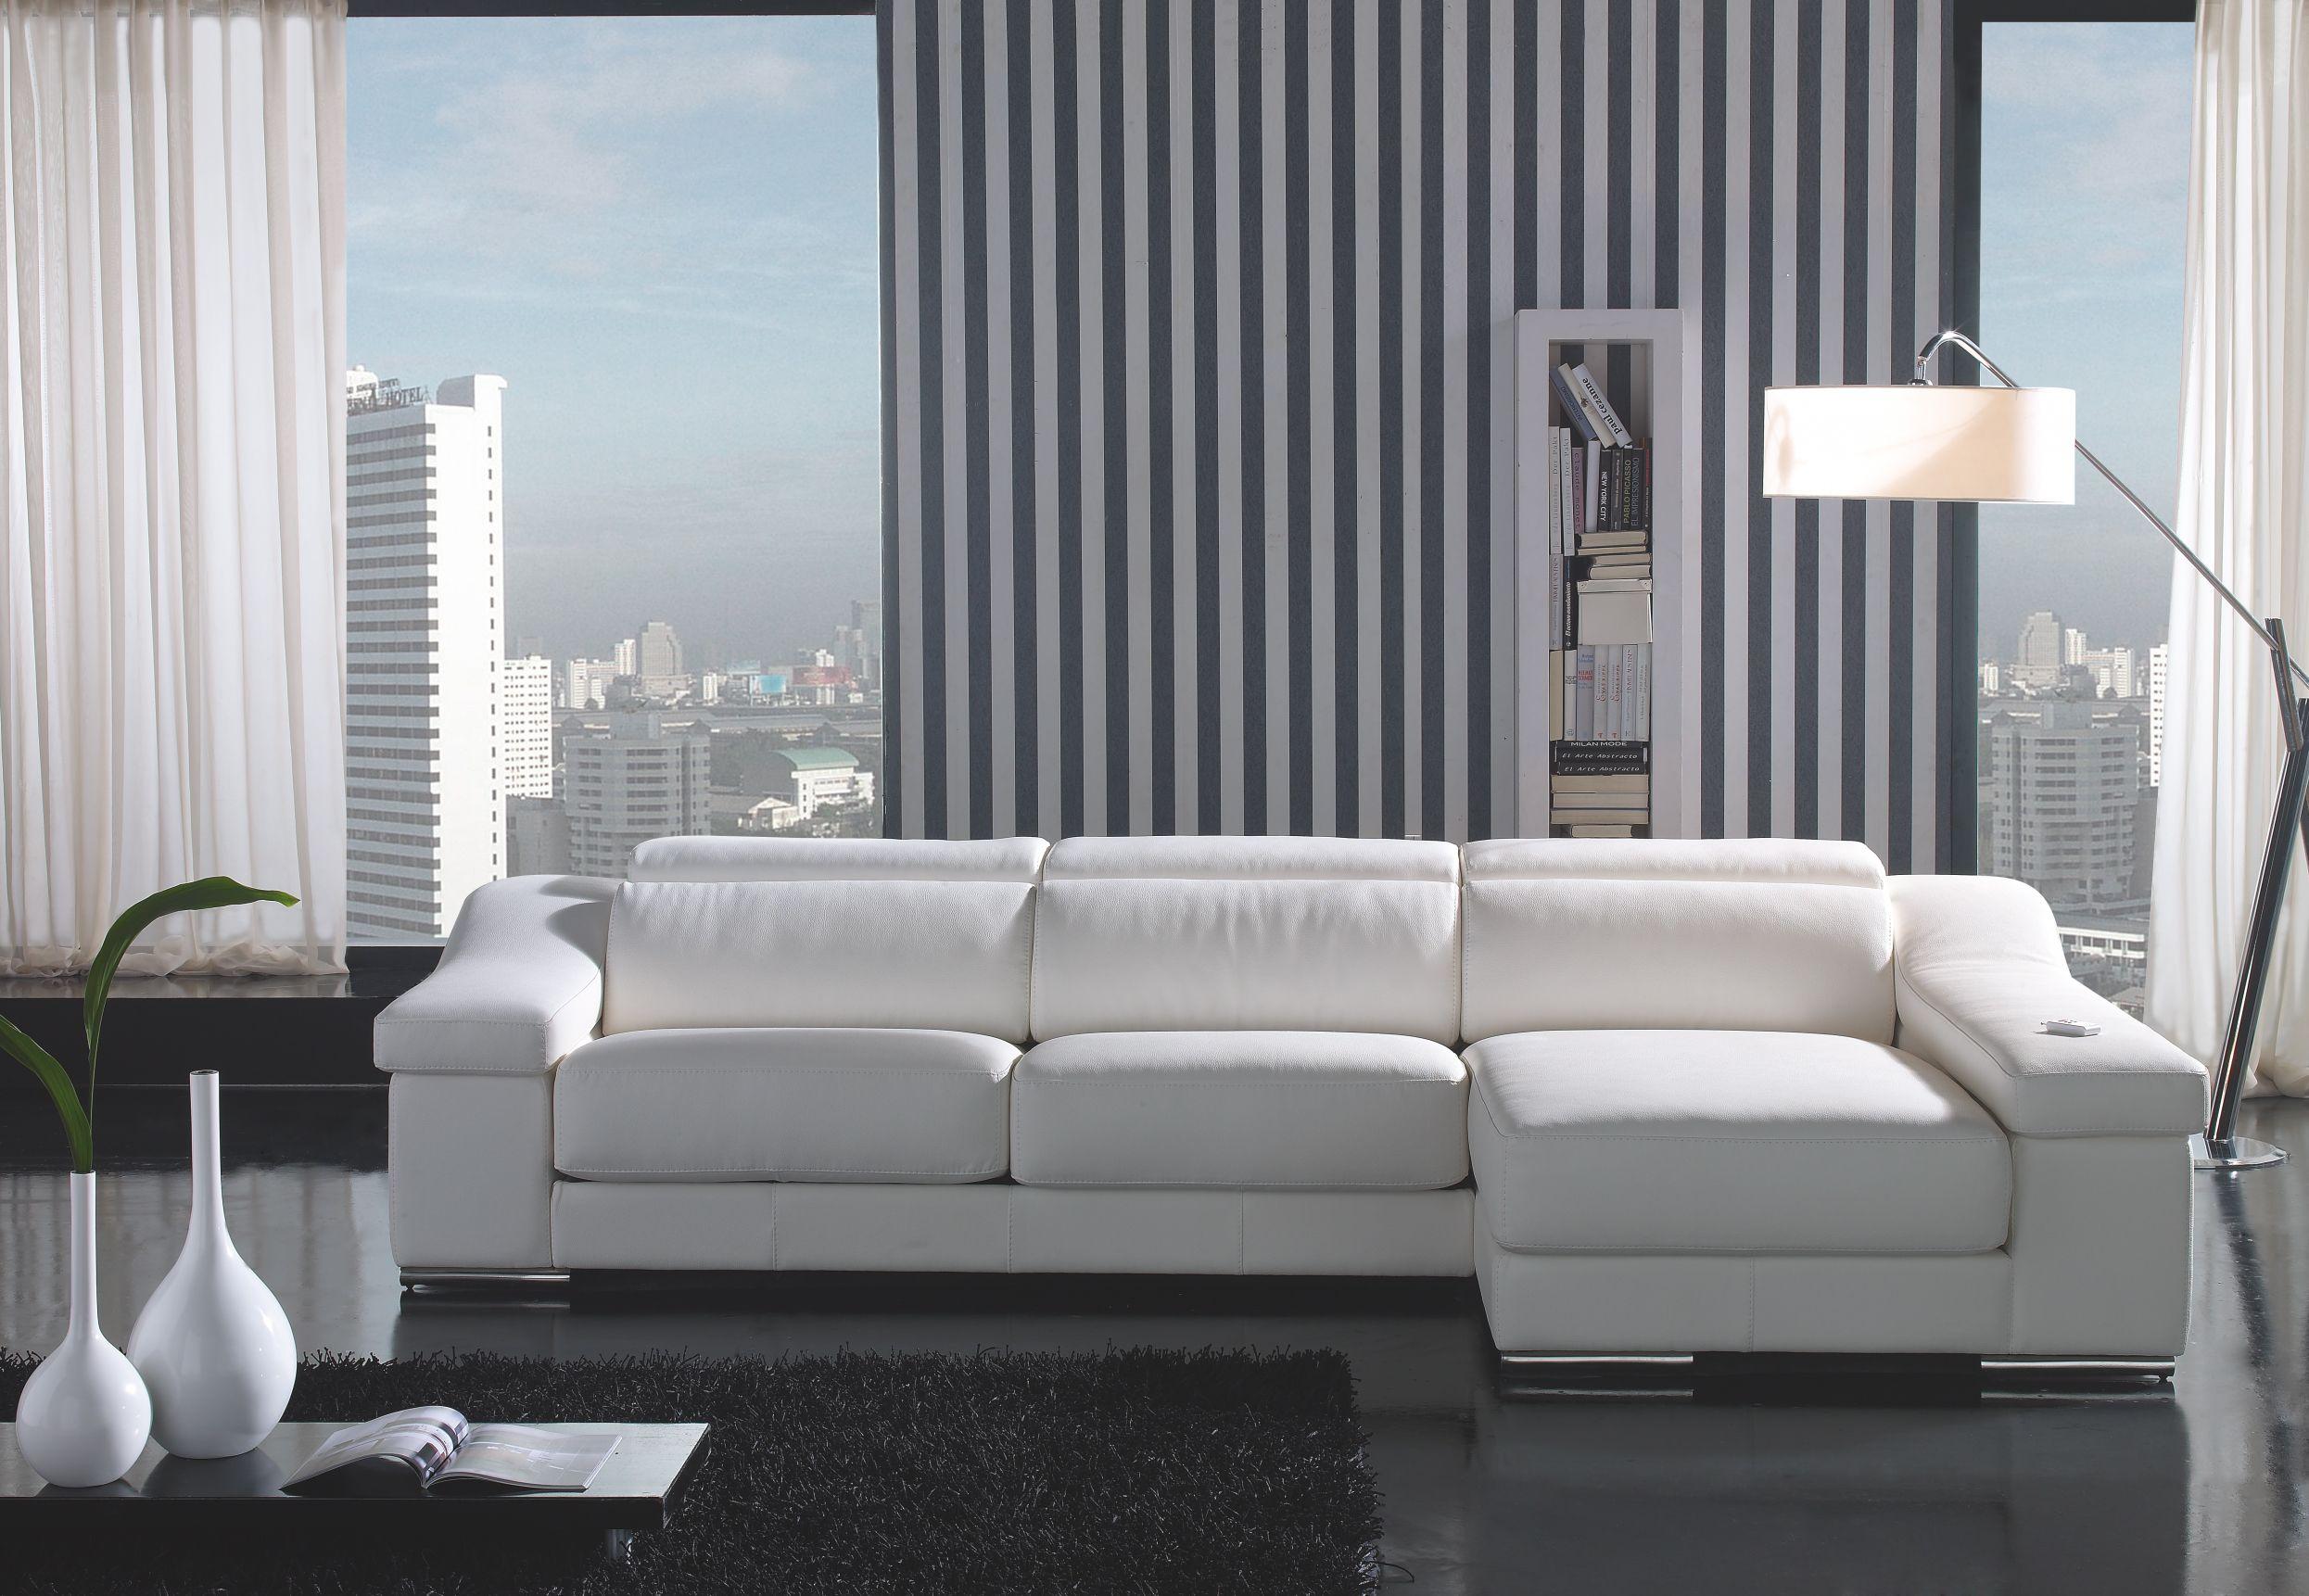 Modelo Kim gamamobel gamamobel gamamobelsofa sofa